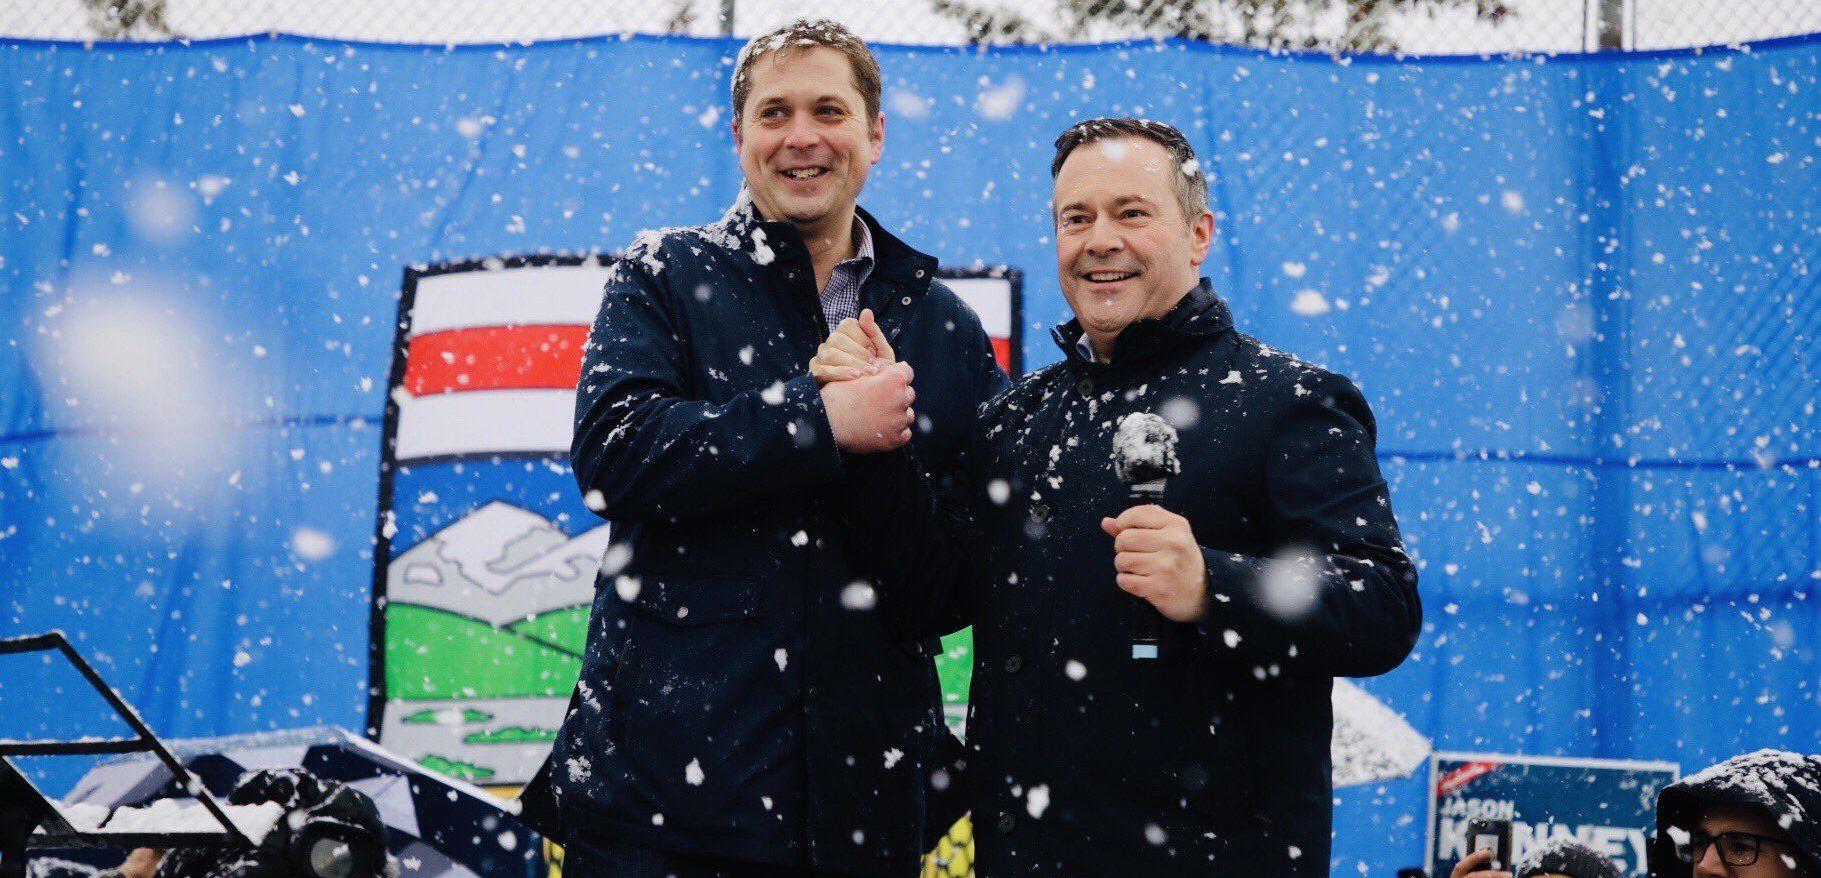 Trudeau, premiers send congratulatory messages to Premier-elect Jason Kenney